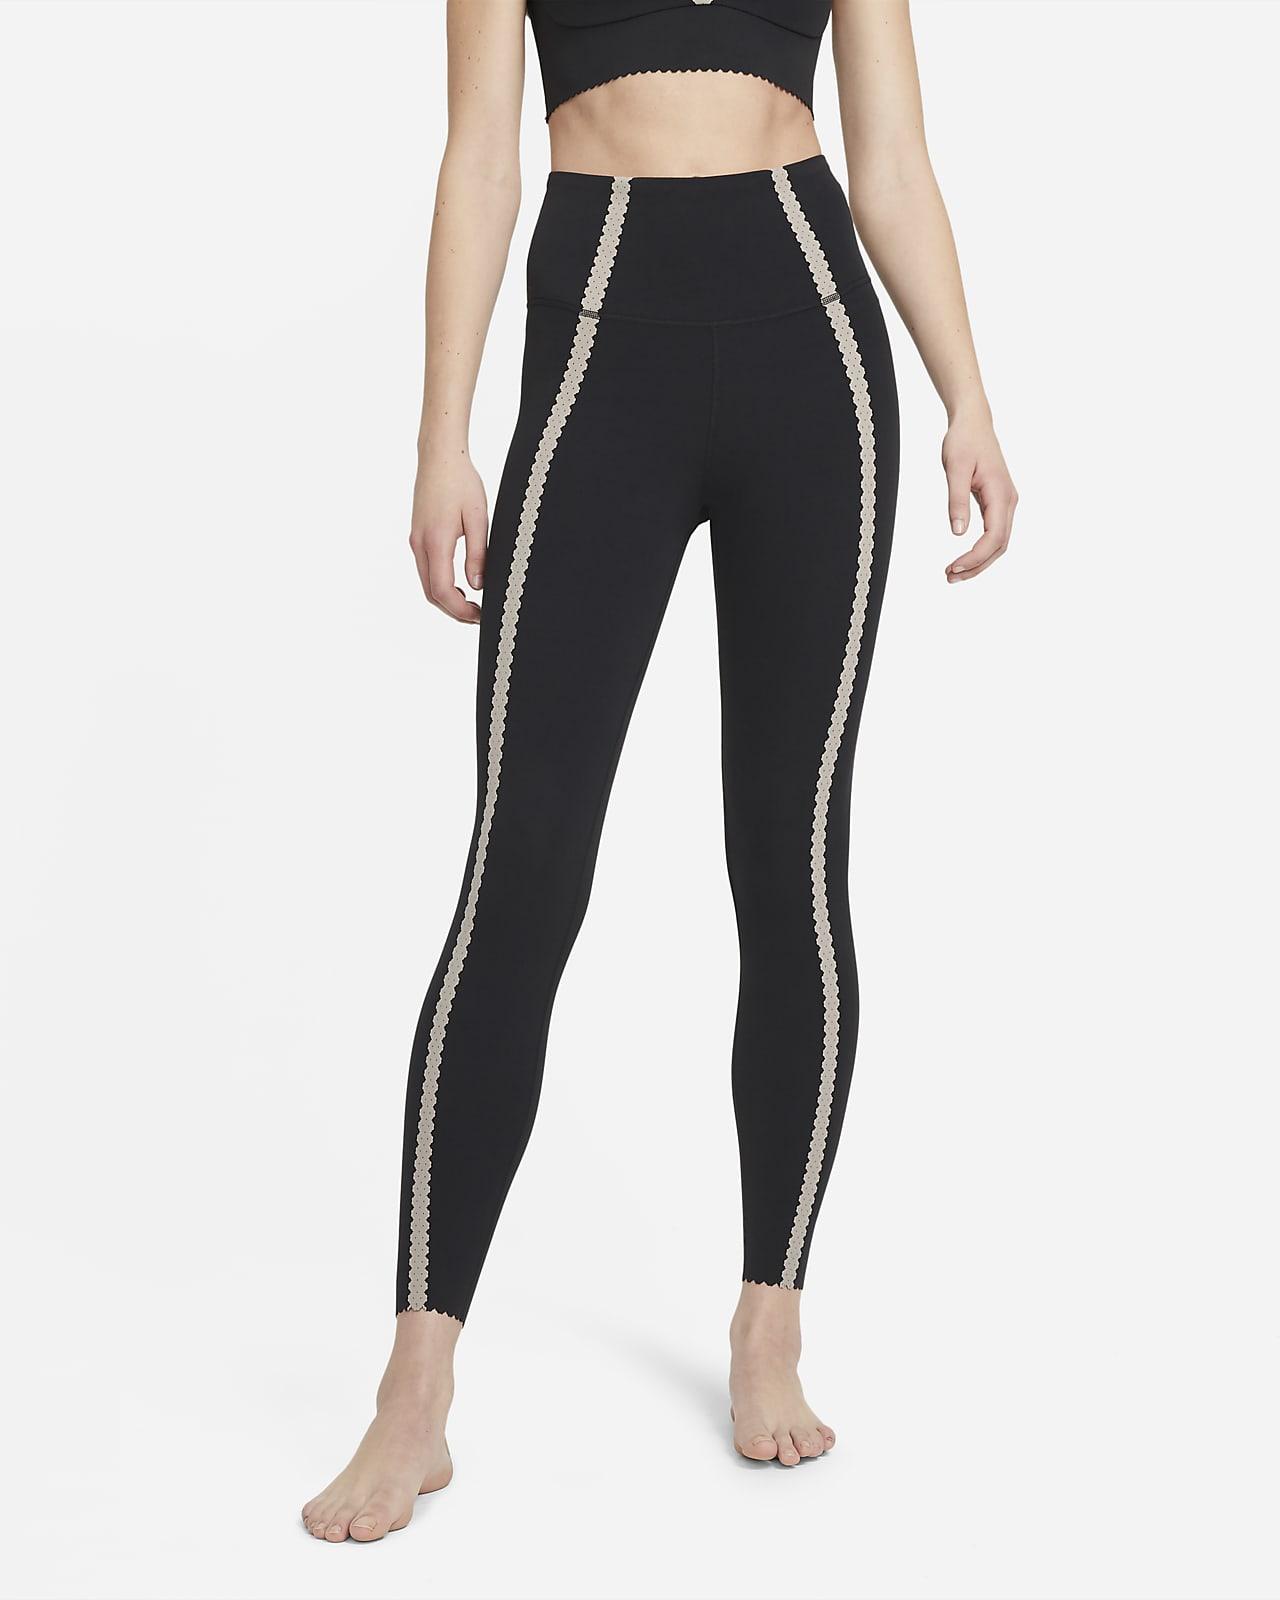 Nike Yoga Luxe Eyelet 7/8 Kadın Taytı